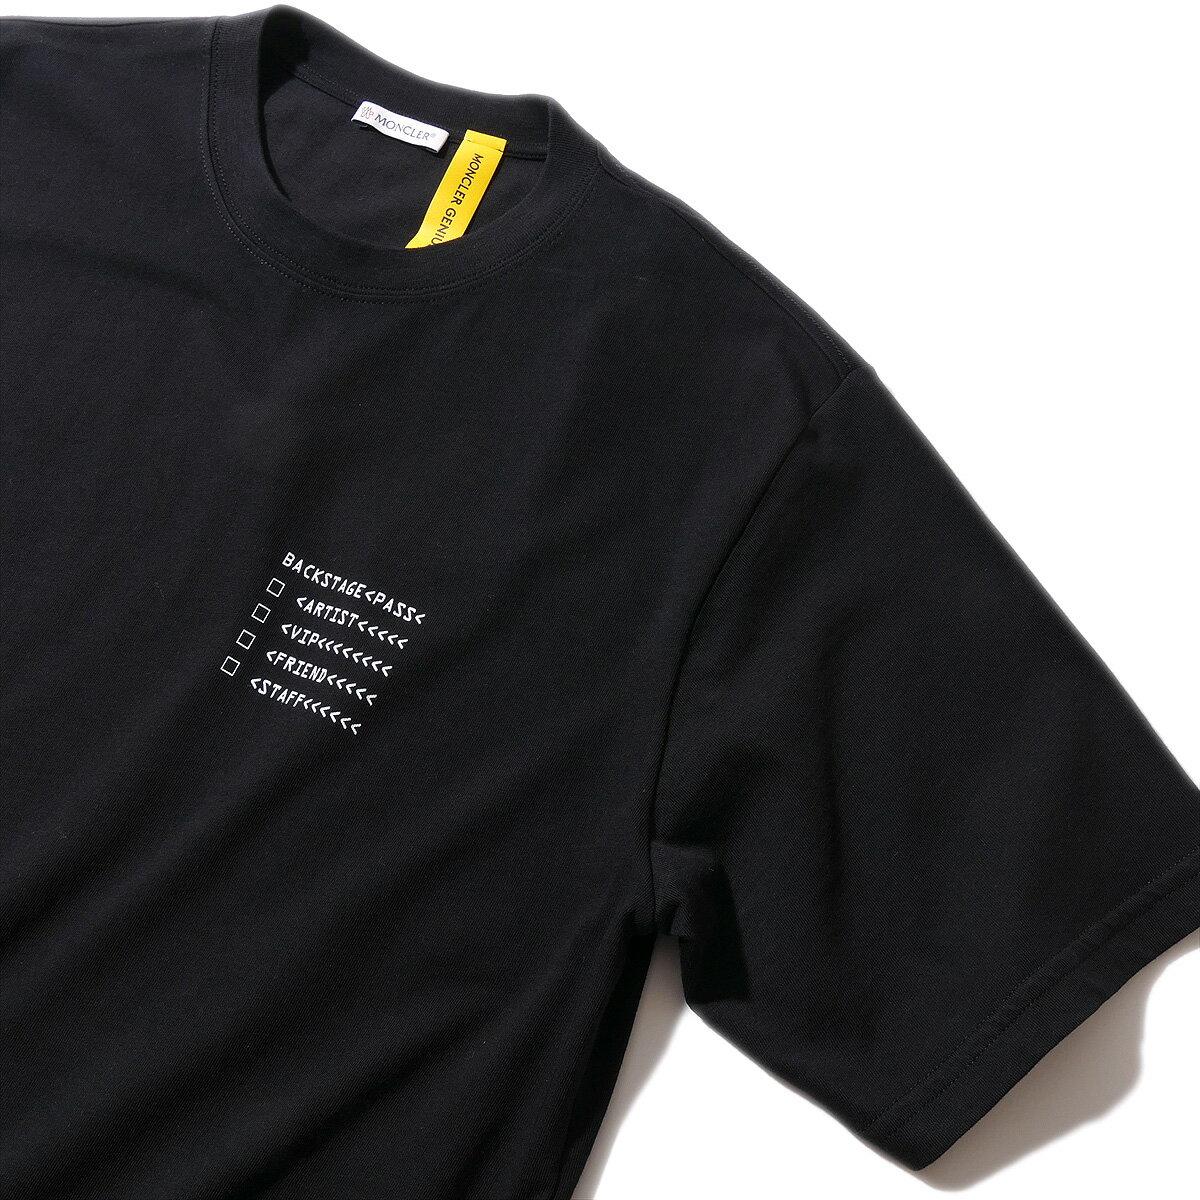 モンクレール2018AW 7 MONCLER FRAGMENT HIROSHI FUJIWARA Tシャツ フラグメントGENIUS ジーニアス【endsale_18】